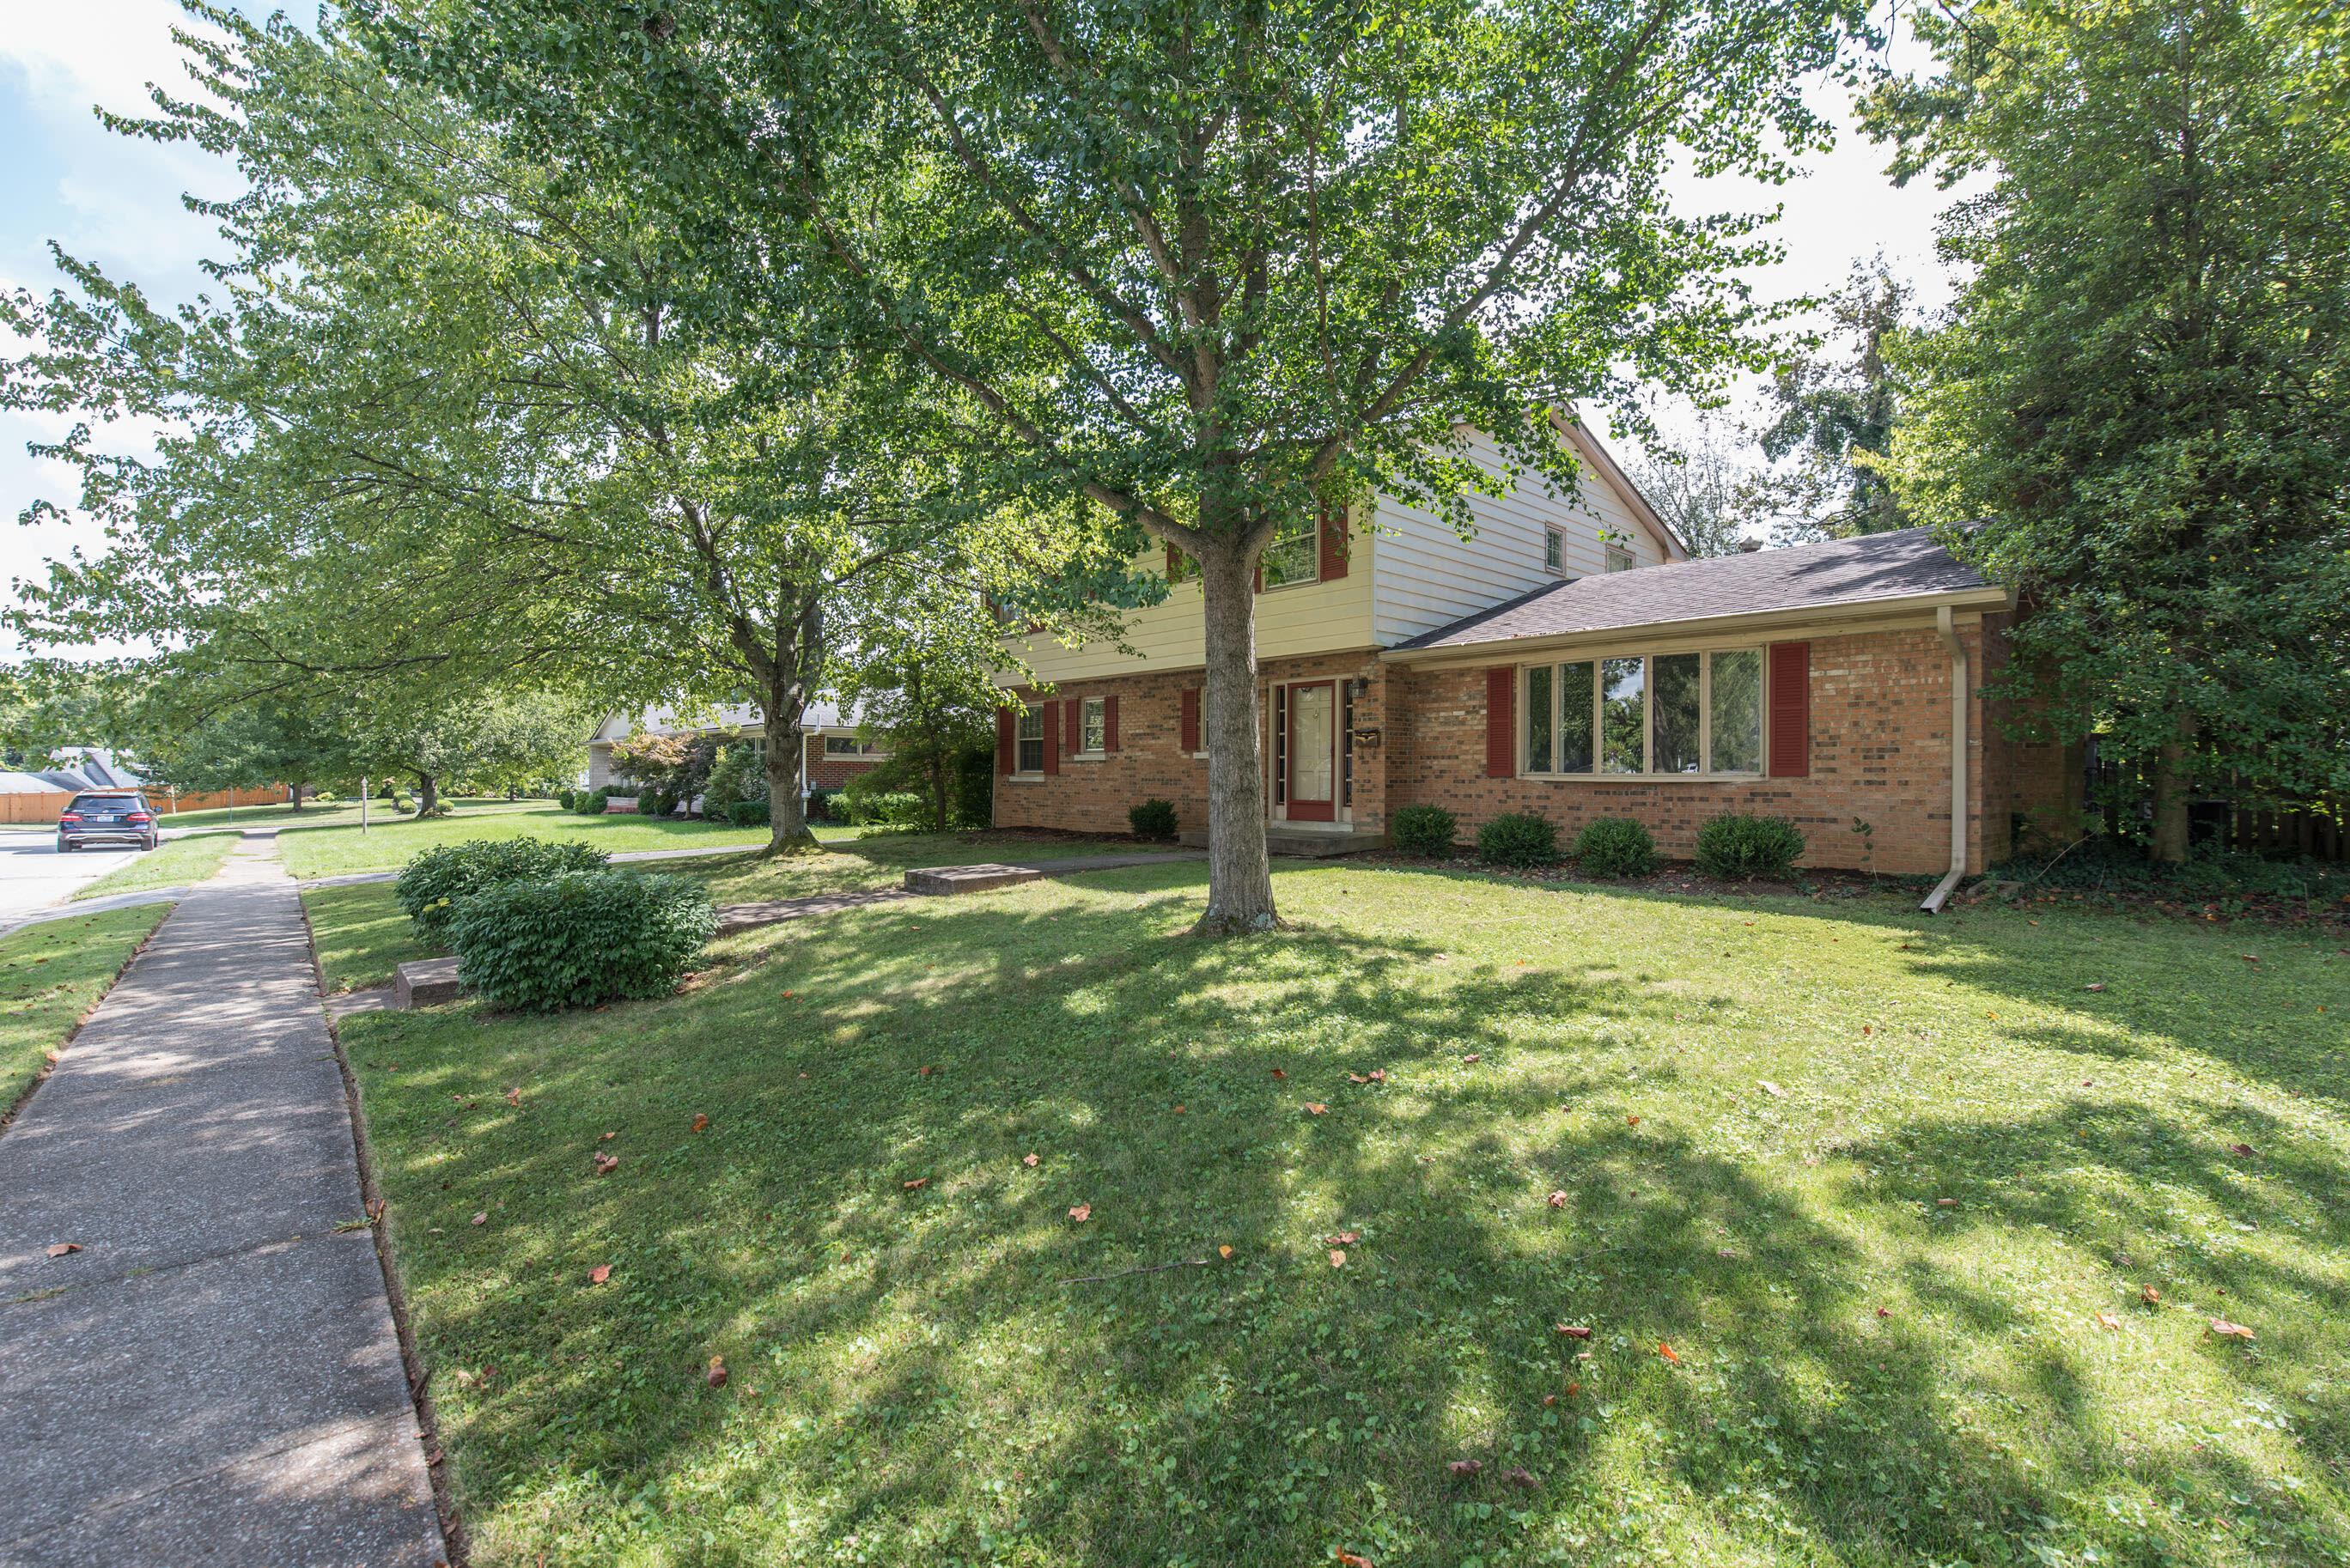 2479 Heather Way, Lexington, KY 40503